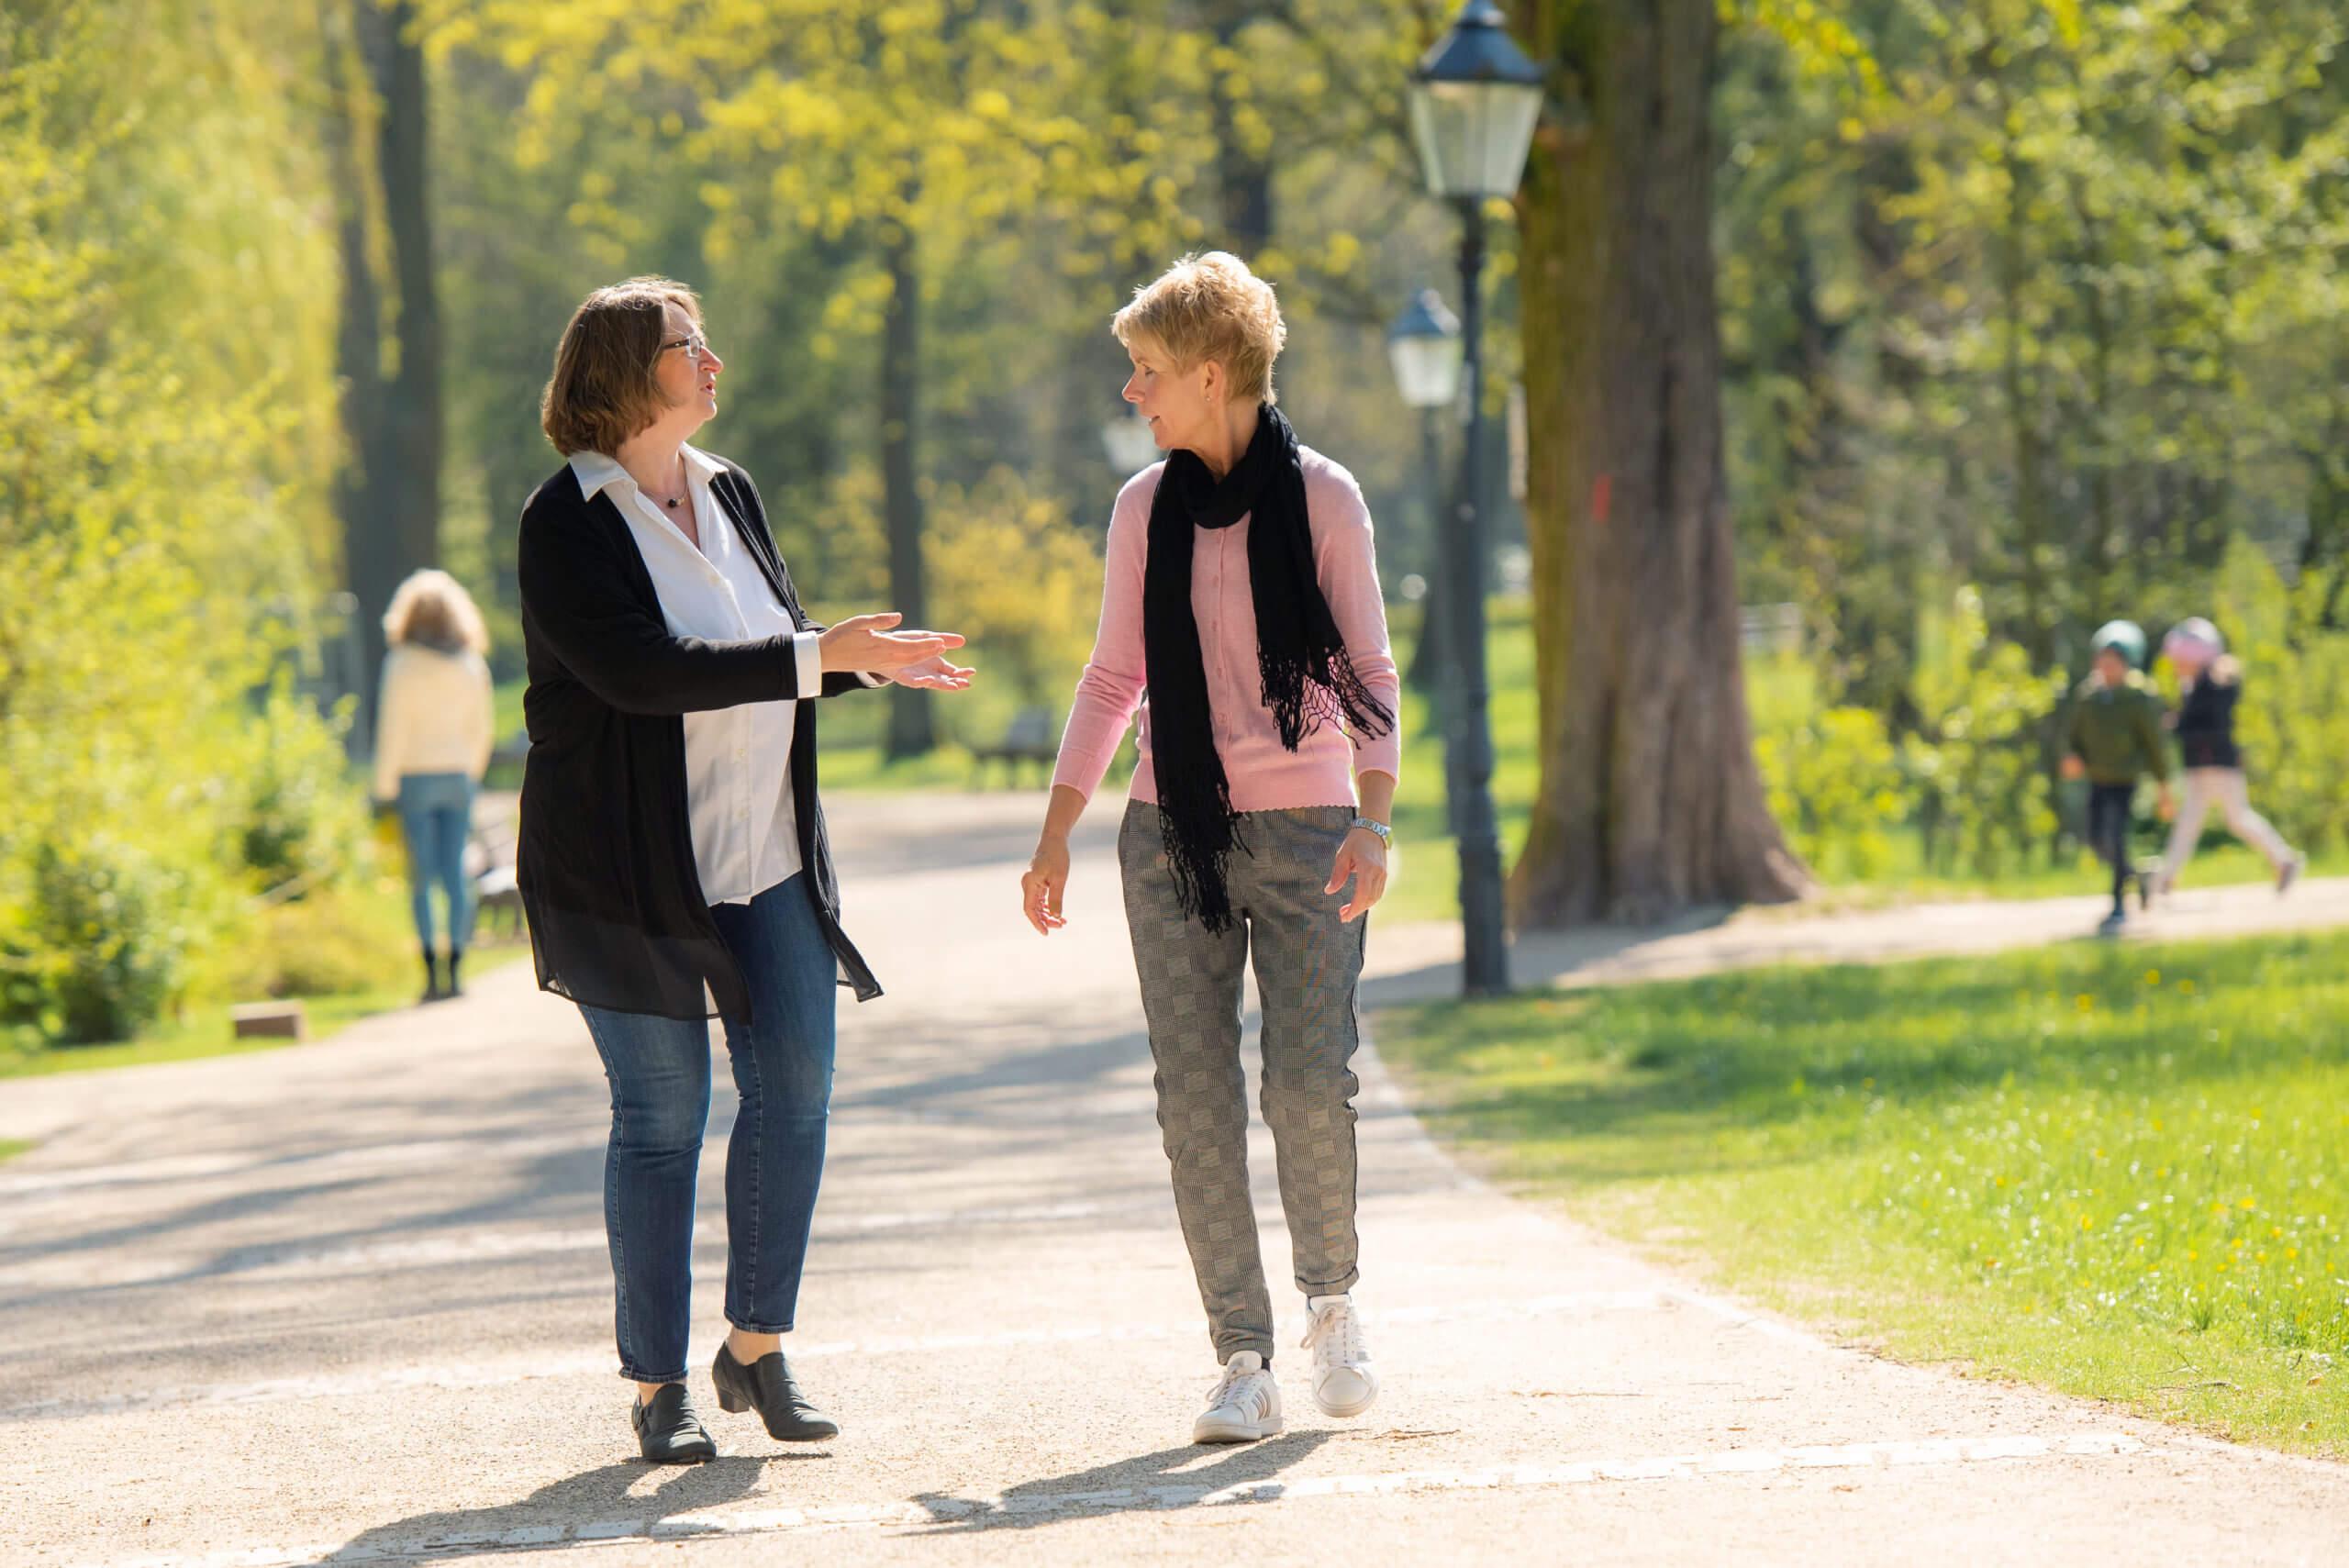 Claudia Kielmann mit einer anderen Frau im Gespräch